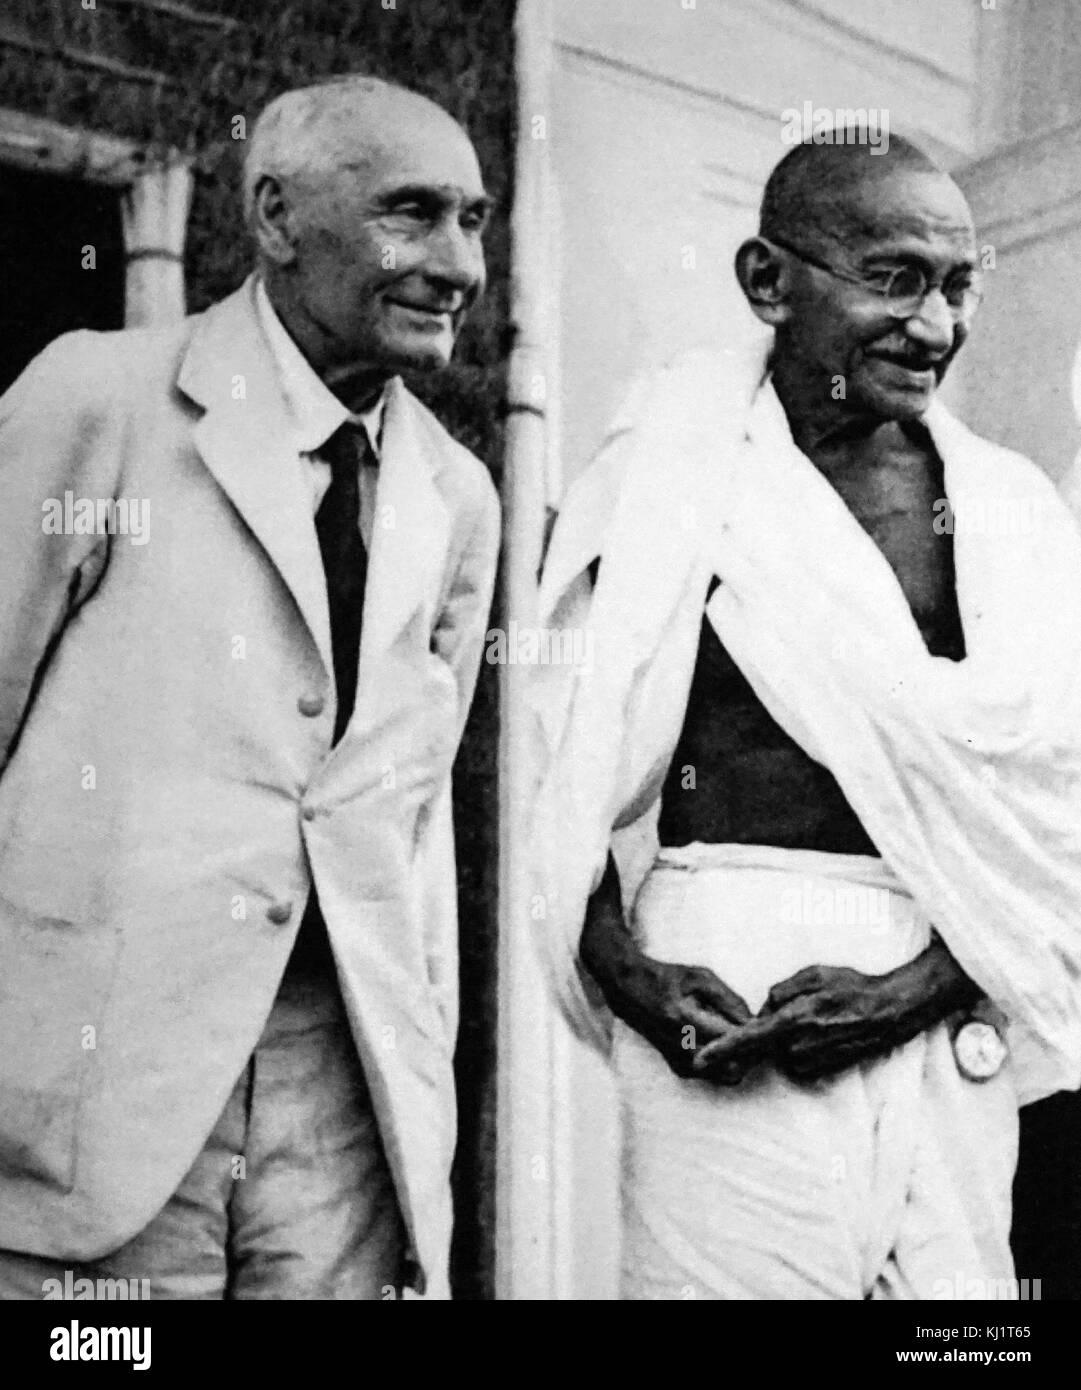 Pethwick Lawrence incontra il Mahatma Gandhi nel 1946. Frederick William Pethick-Lawrence, Baron Pethick-Lawrence, (1871 - 1961) era una manodopera britannica politico. Dal 1945 al 1947 fu Segretario di Stato per l'India e Birmania e con un sedile di gabinetto, e è stato coinvolto nei negoziati che hanno portato all'indipendenza dell'India nel 1947 Foto Stock